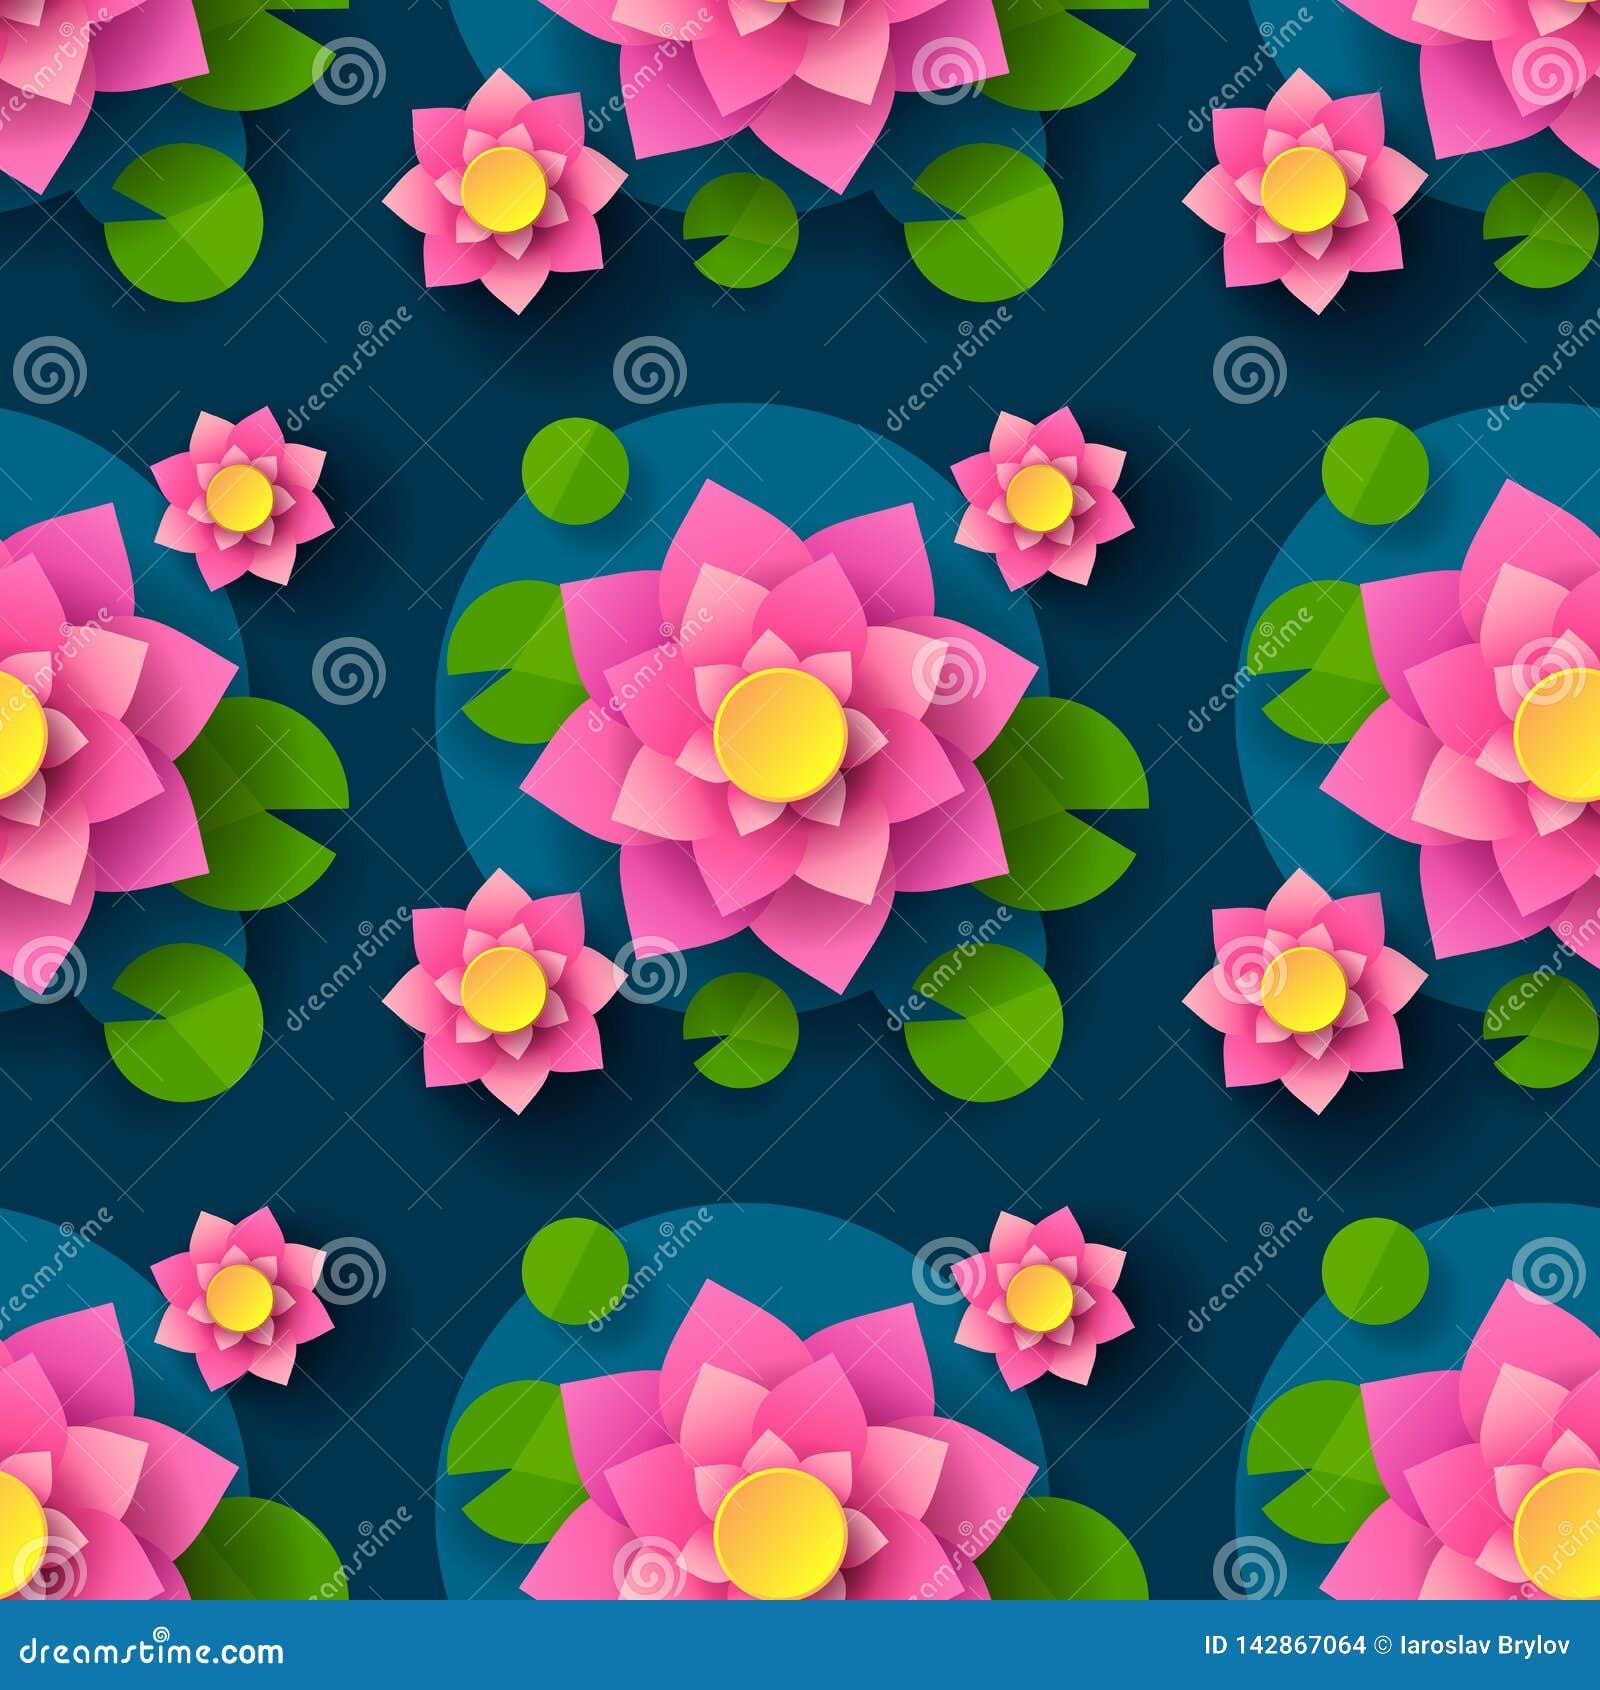 Karikatur nahtlose Lotus Background For Printing Design Dekoratives Element Abstrakter nahtloser Hintergrund Vektor-Drucken